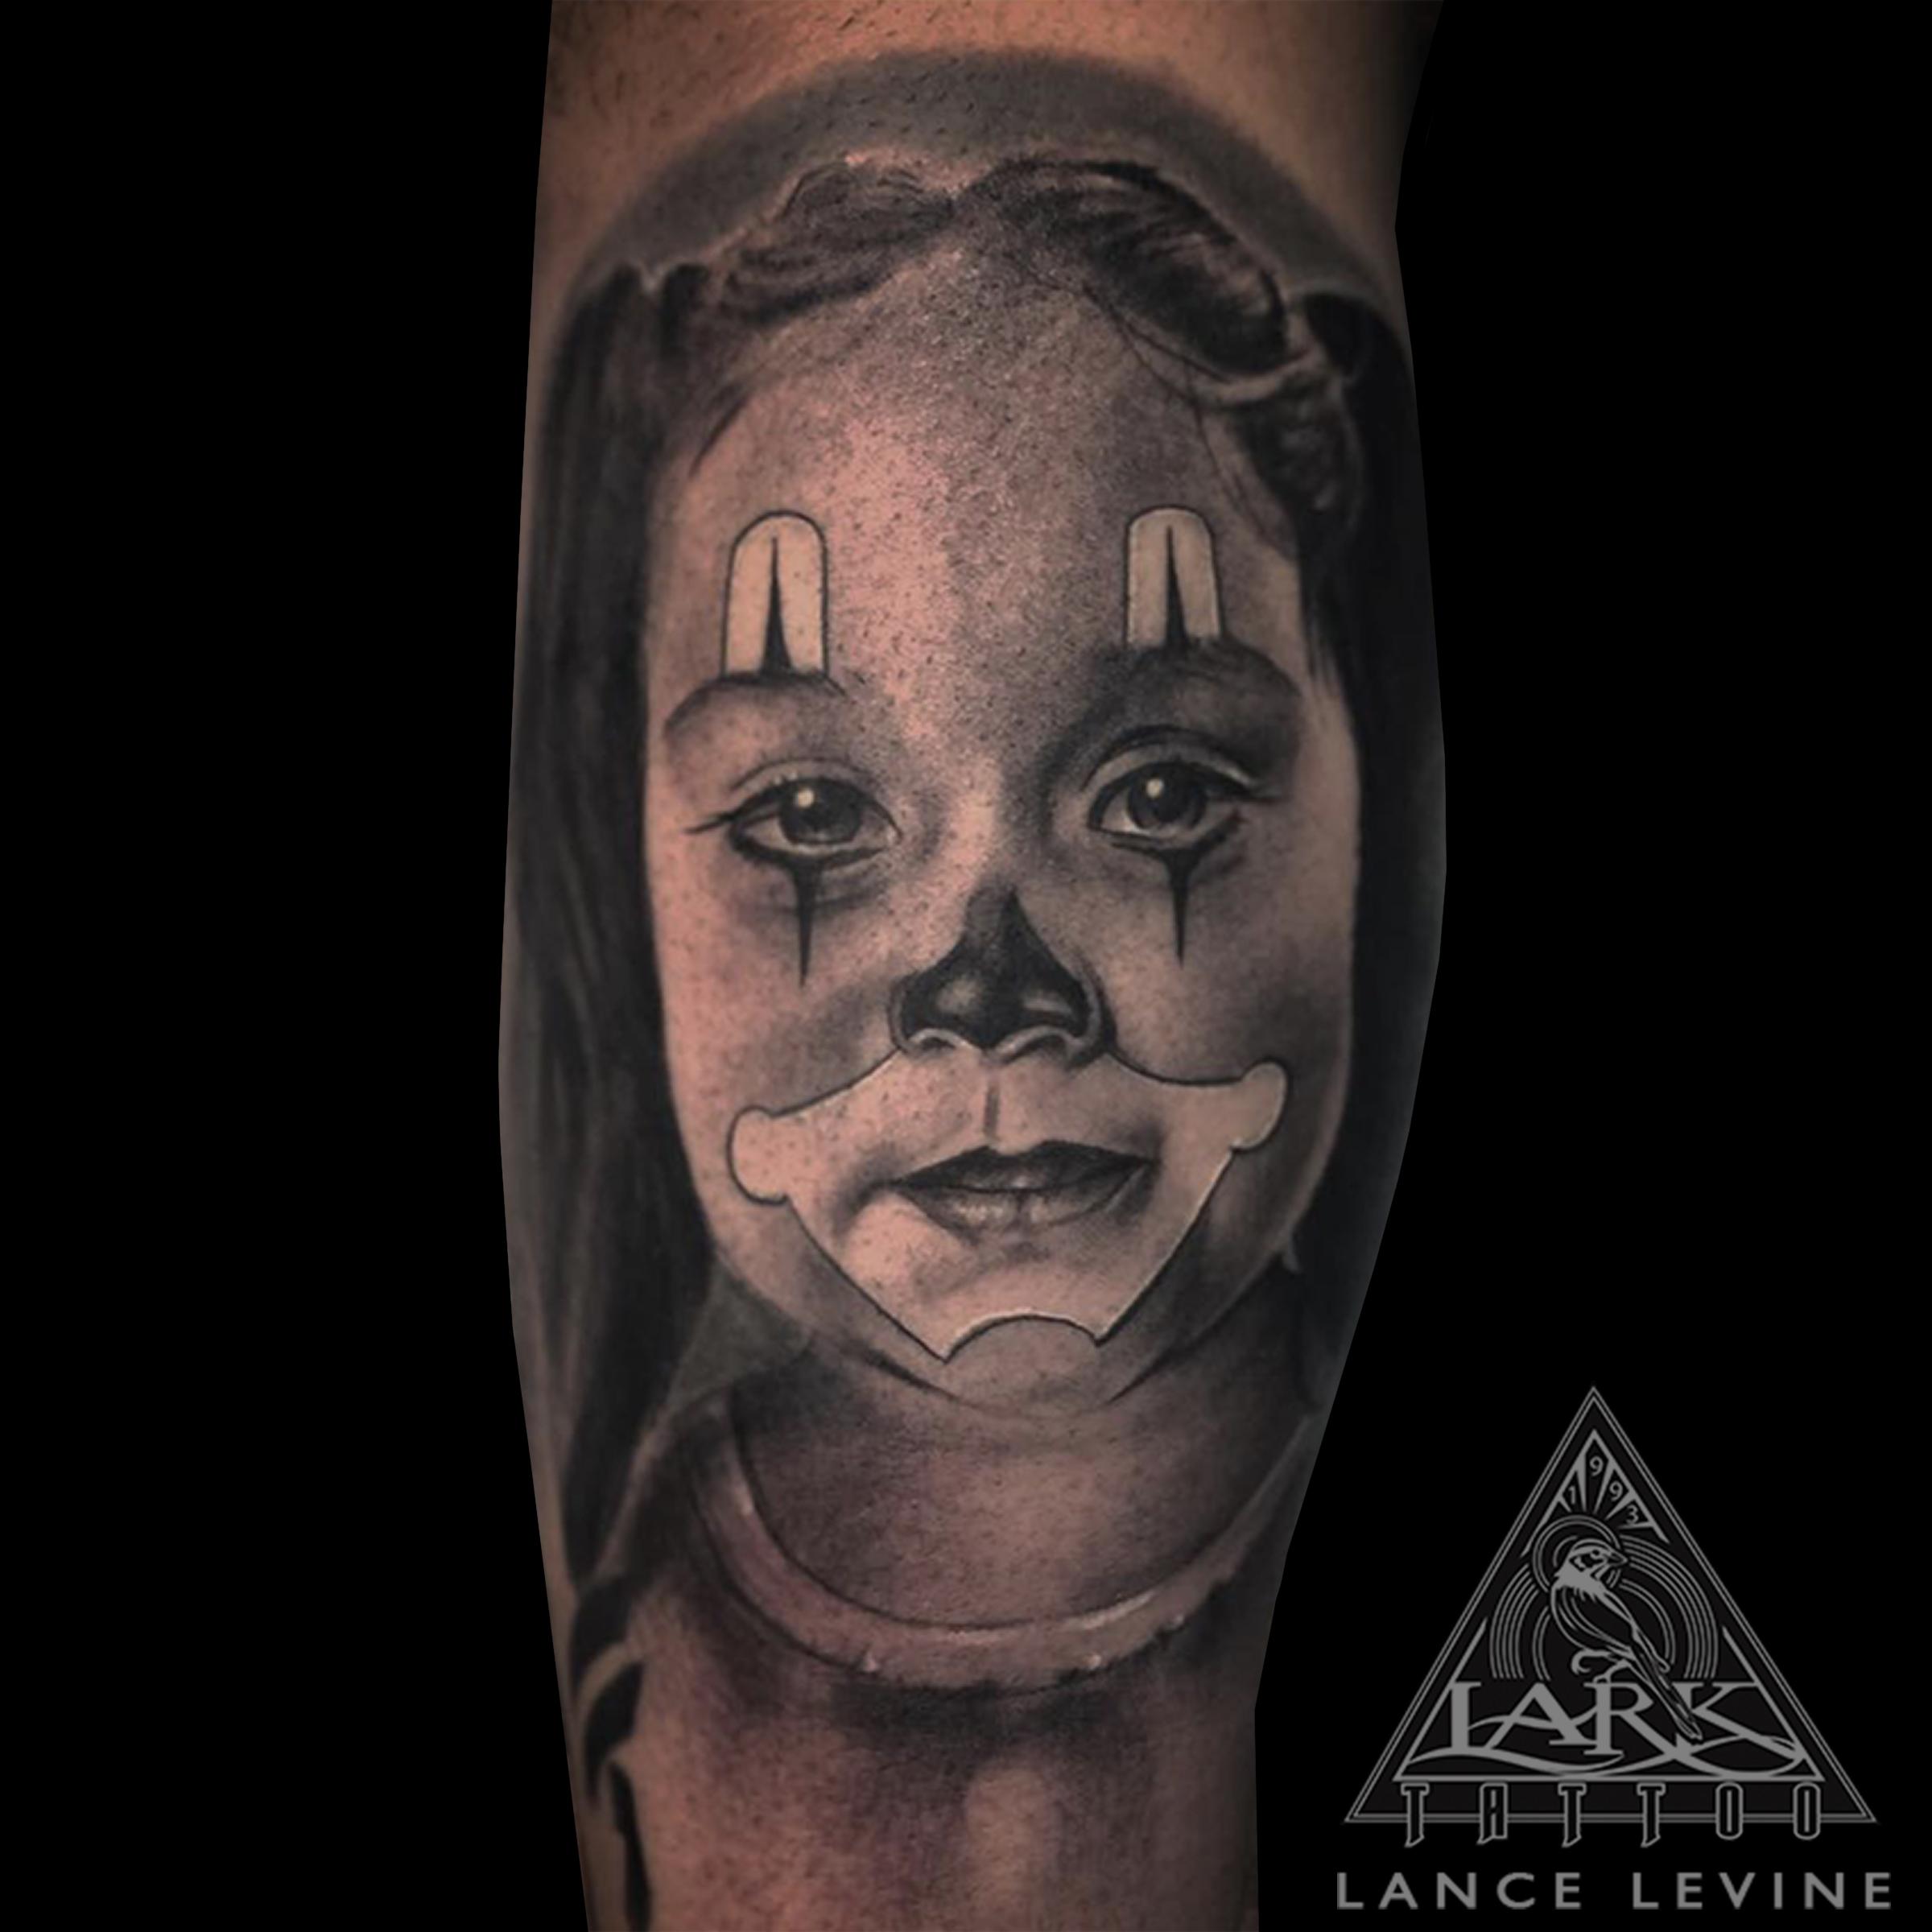 #BNG #BNGTattoo #BNGInkSociety #BlackAndGrayTattoo #BlackAndGreyTattoo #Portrait #PortraitTattoo #Realism #RealismTattoo #Realistic #RealisticTattoo #ChicanoTattoo #PantheraInk #Kwadronproton #LarkTattoo #tattoo #tattoos #tat #tats #tatts #tatted #tattedup #tattoist #tattooed #inked #inkedup #ink #tattoooftheday #amazingink #bodyart #larktattoo #larktattoos #larktattoowestbury #westbury #longisland #NY #NewYork #usa #art